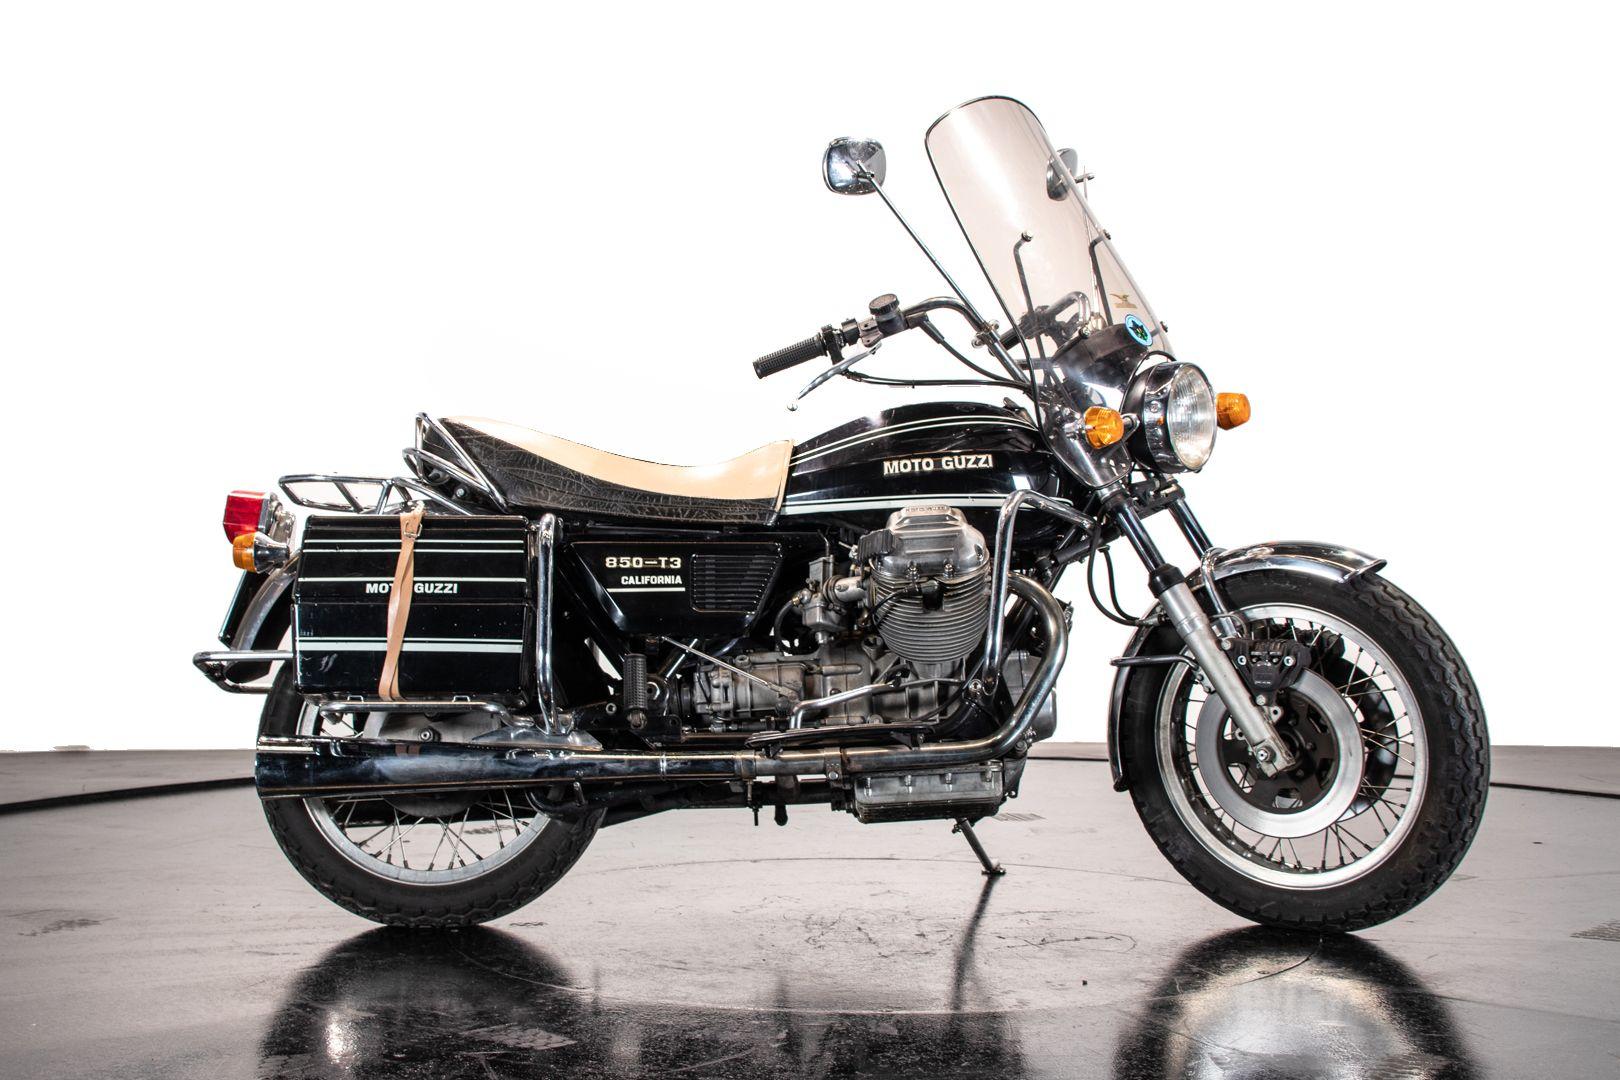 1978 Moto Guzzi 850 VD 73 60012